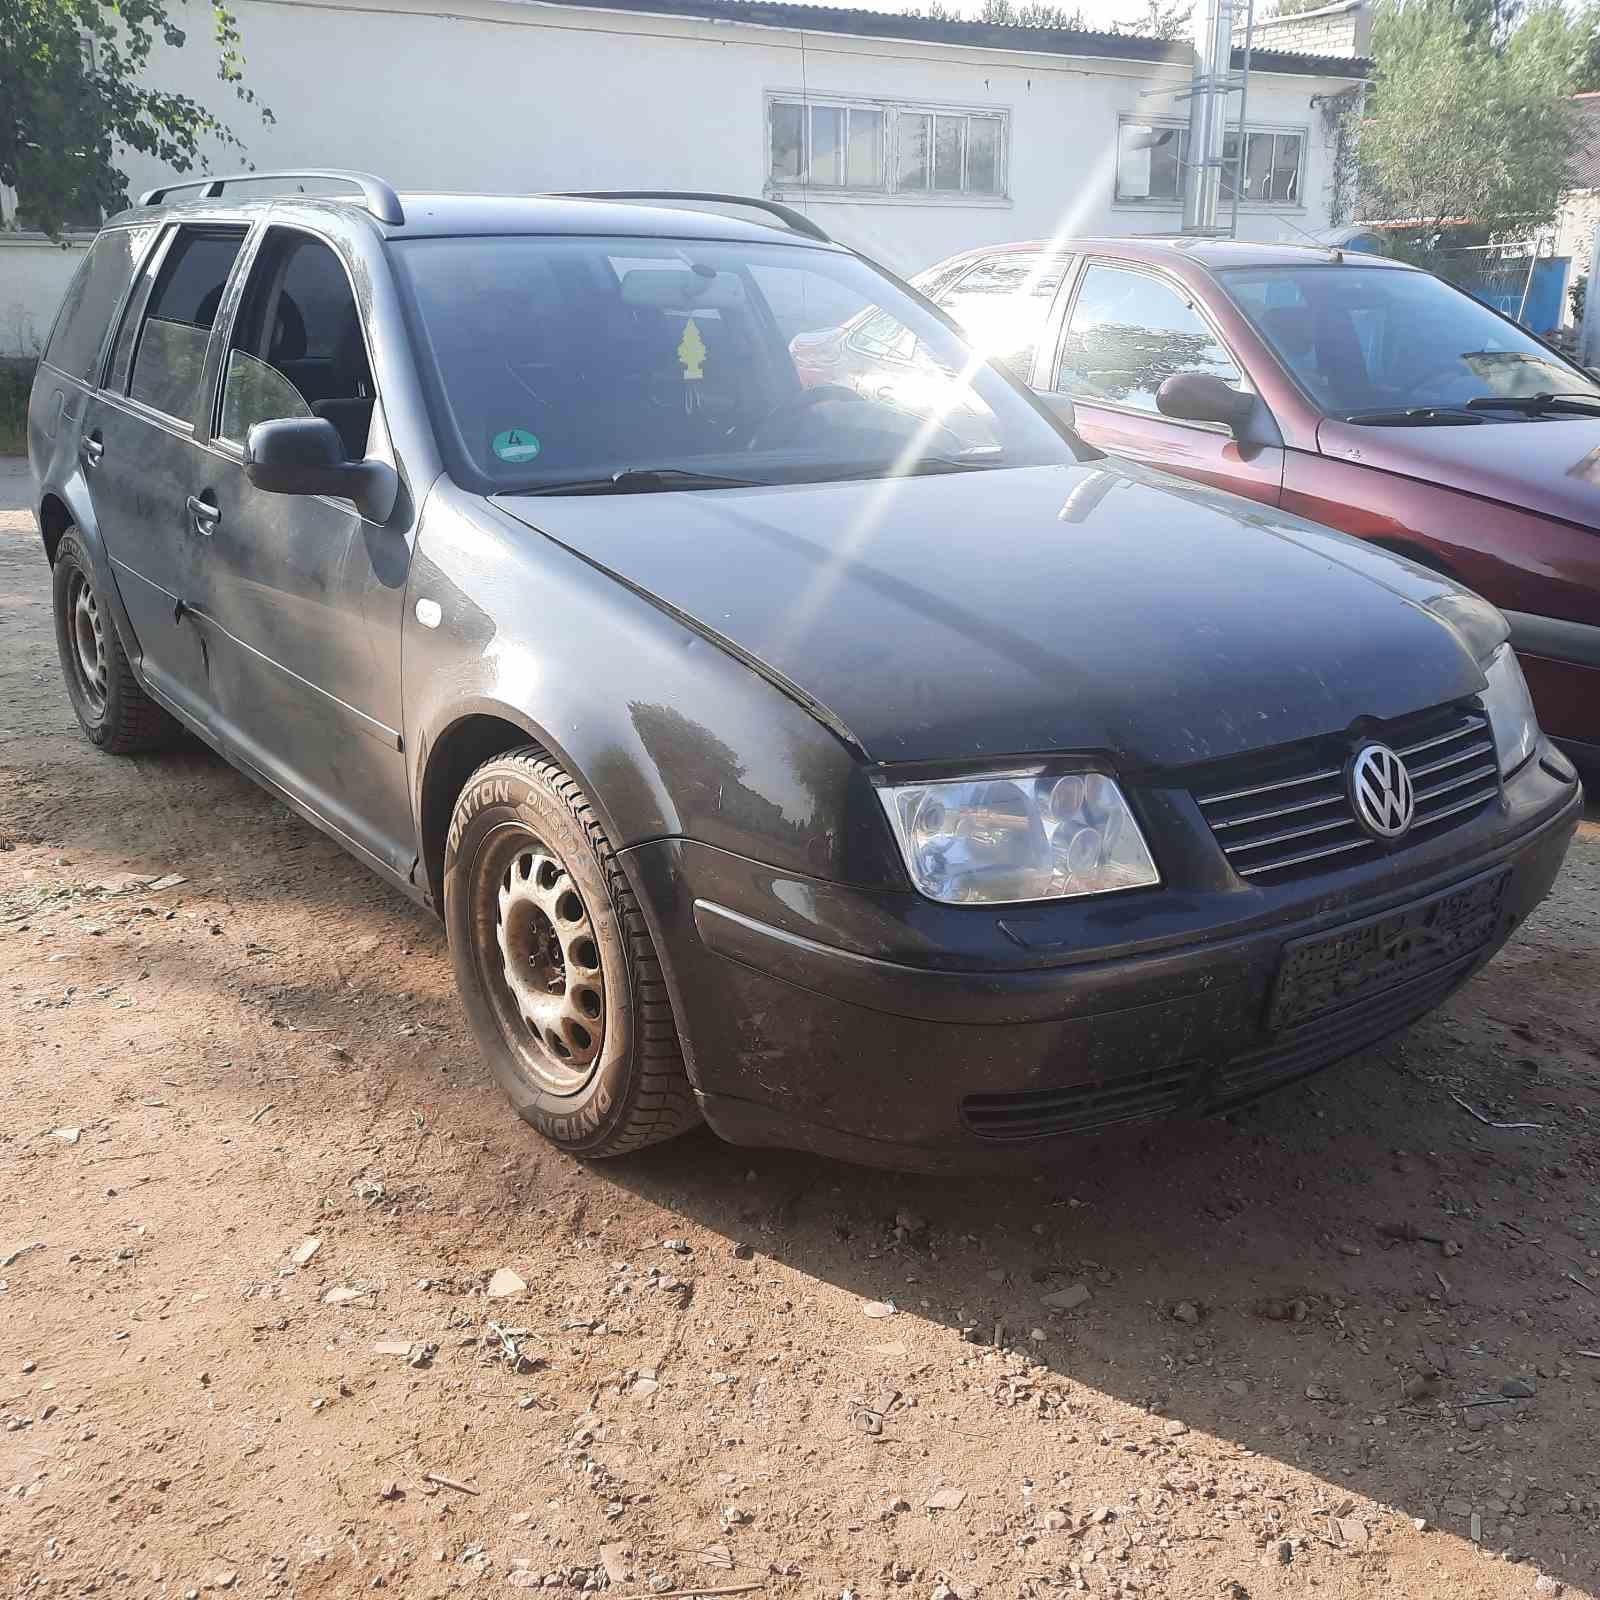 Подержанные Автозапчасти Volkswagen BORA 2000 1.9 машиностроение универсал 4/5 d. черный 2021-7-23